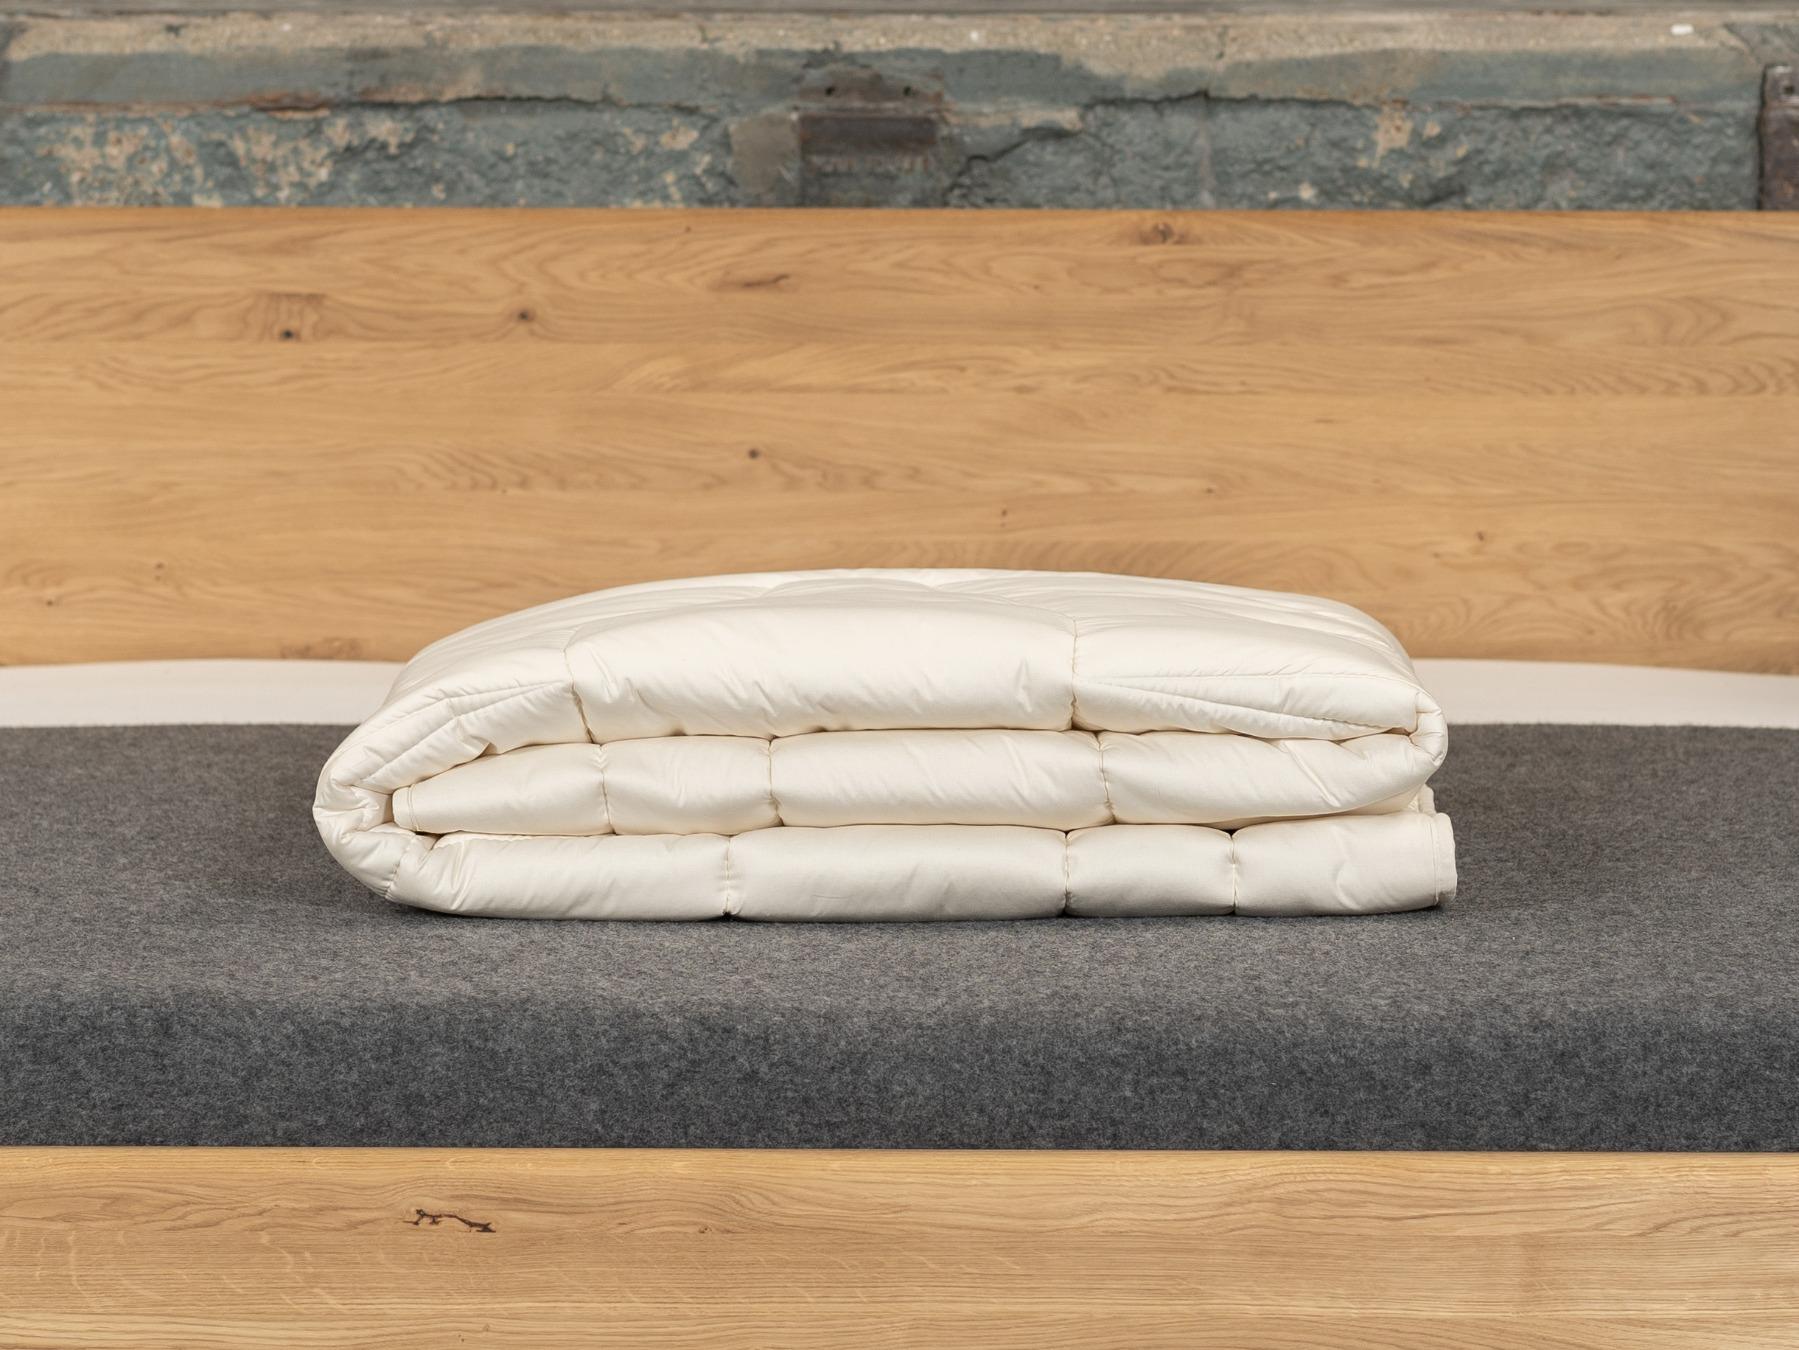 Die Duo-Bettdecke spendet verlässlich Wärme in der kalten Jahreszeit.